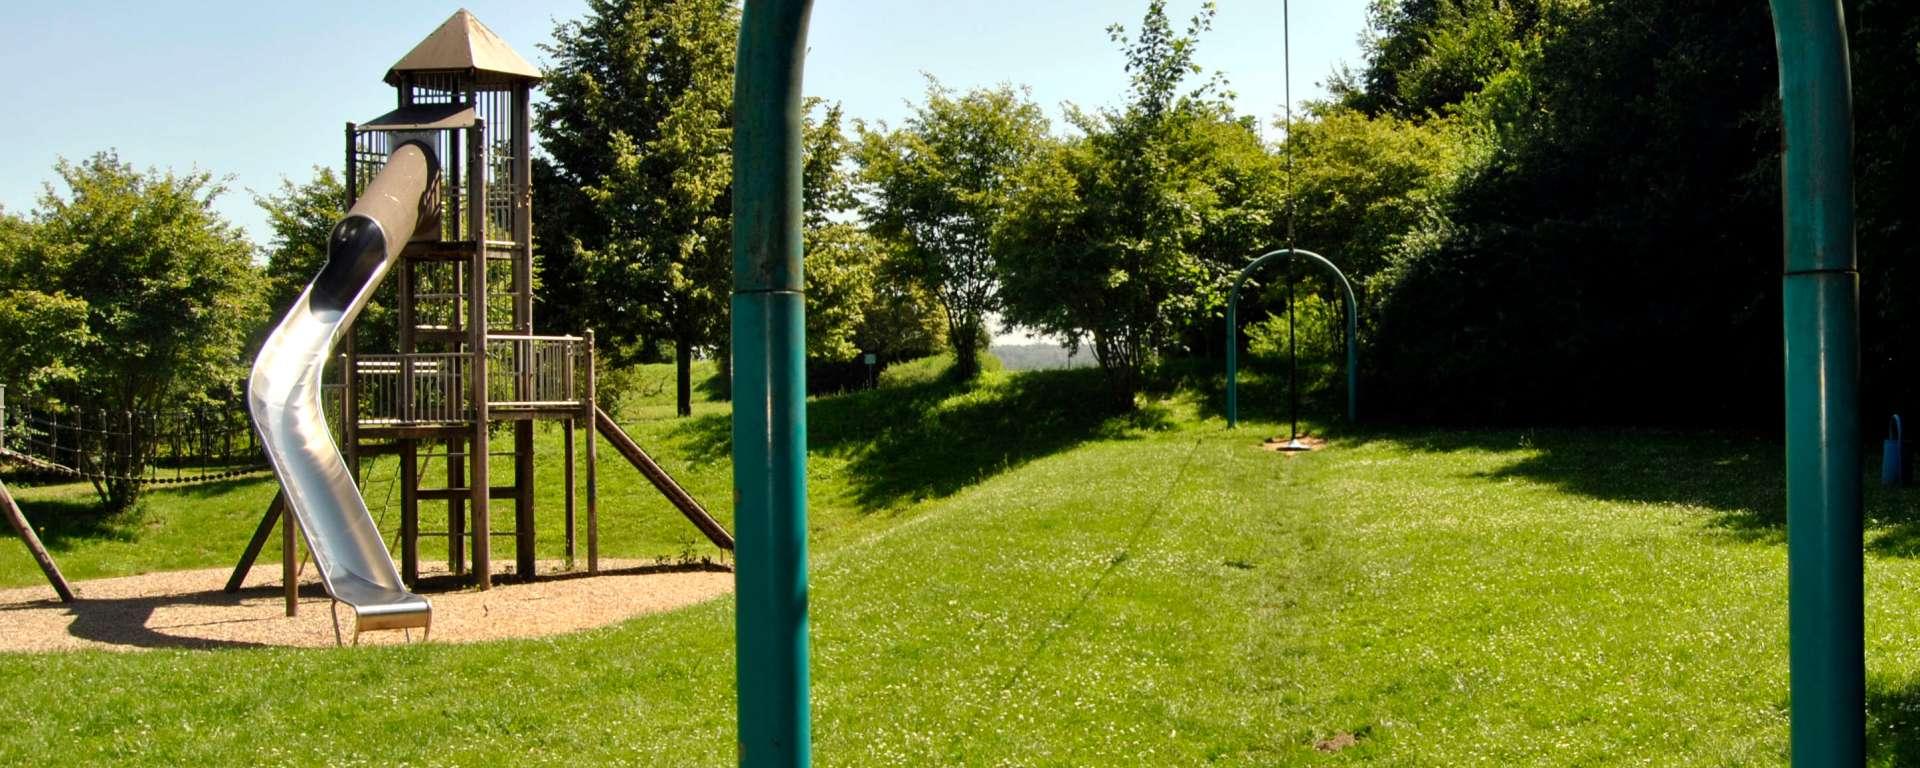 Der Waldspielplatz ist bei meiner Liste der absolute Favorit in Sachen Spielplätze